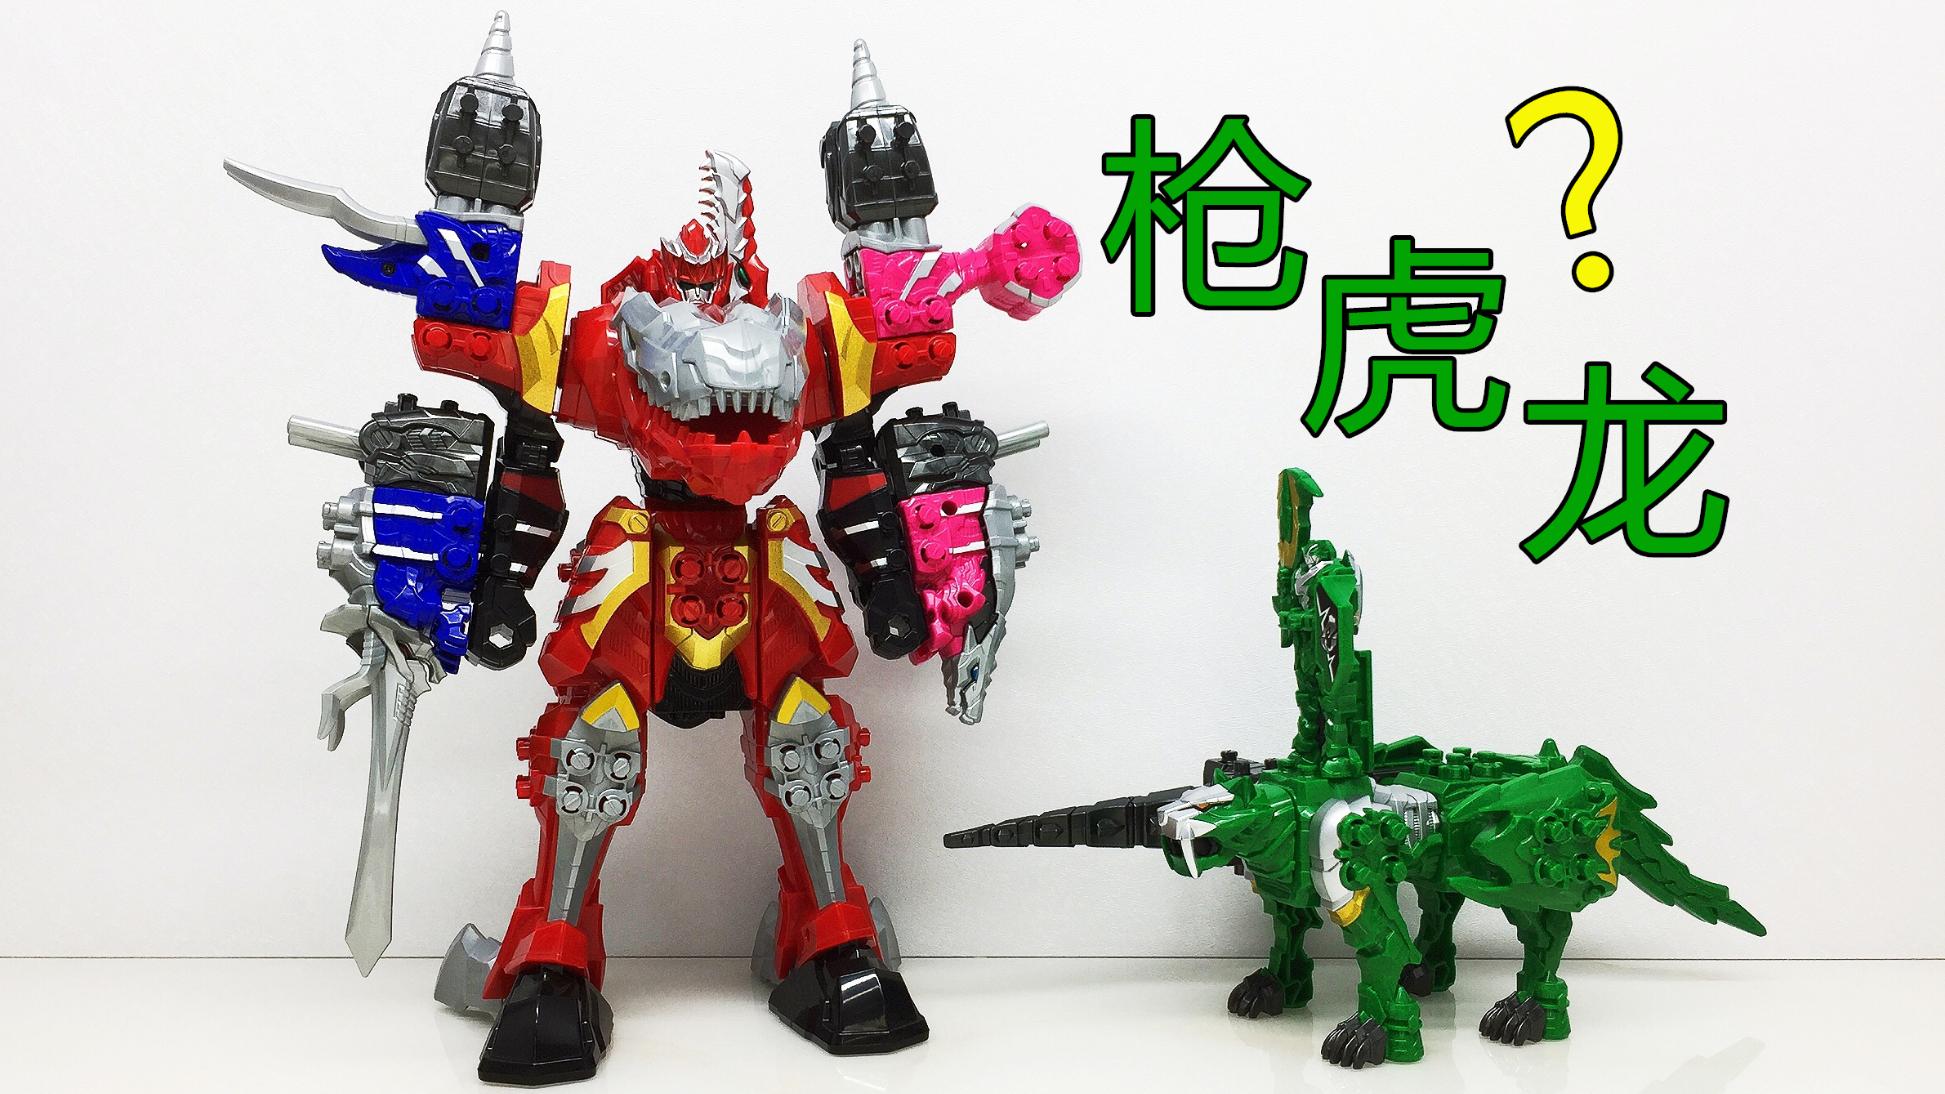 披着龙皮的虎 枪虎龙 骑士龙战队剑齿虎DX 合体骑士龙王 对比特急王 大鹏评测